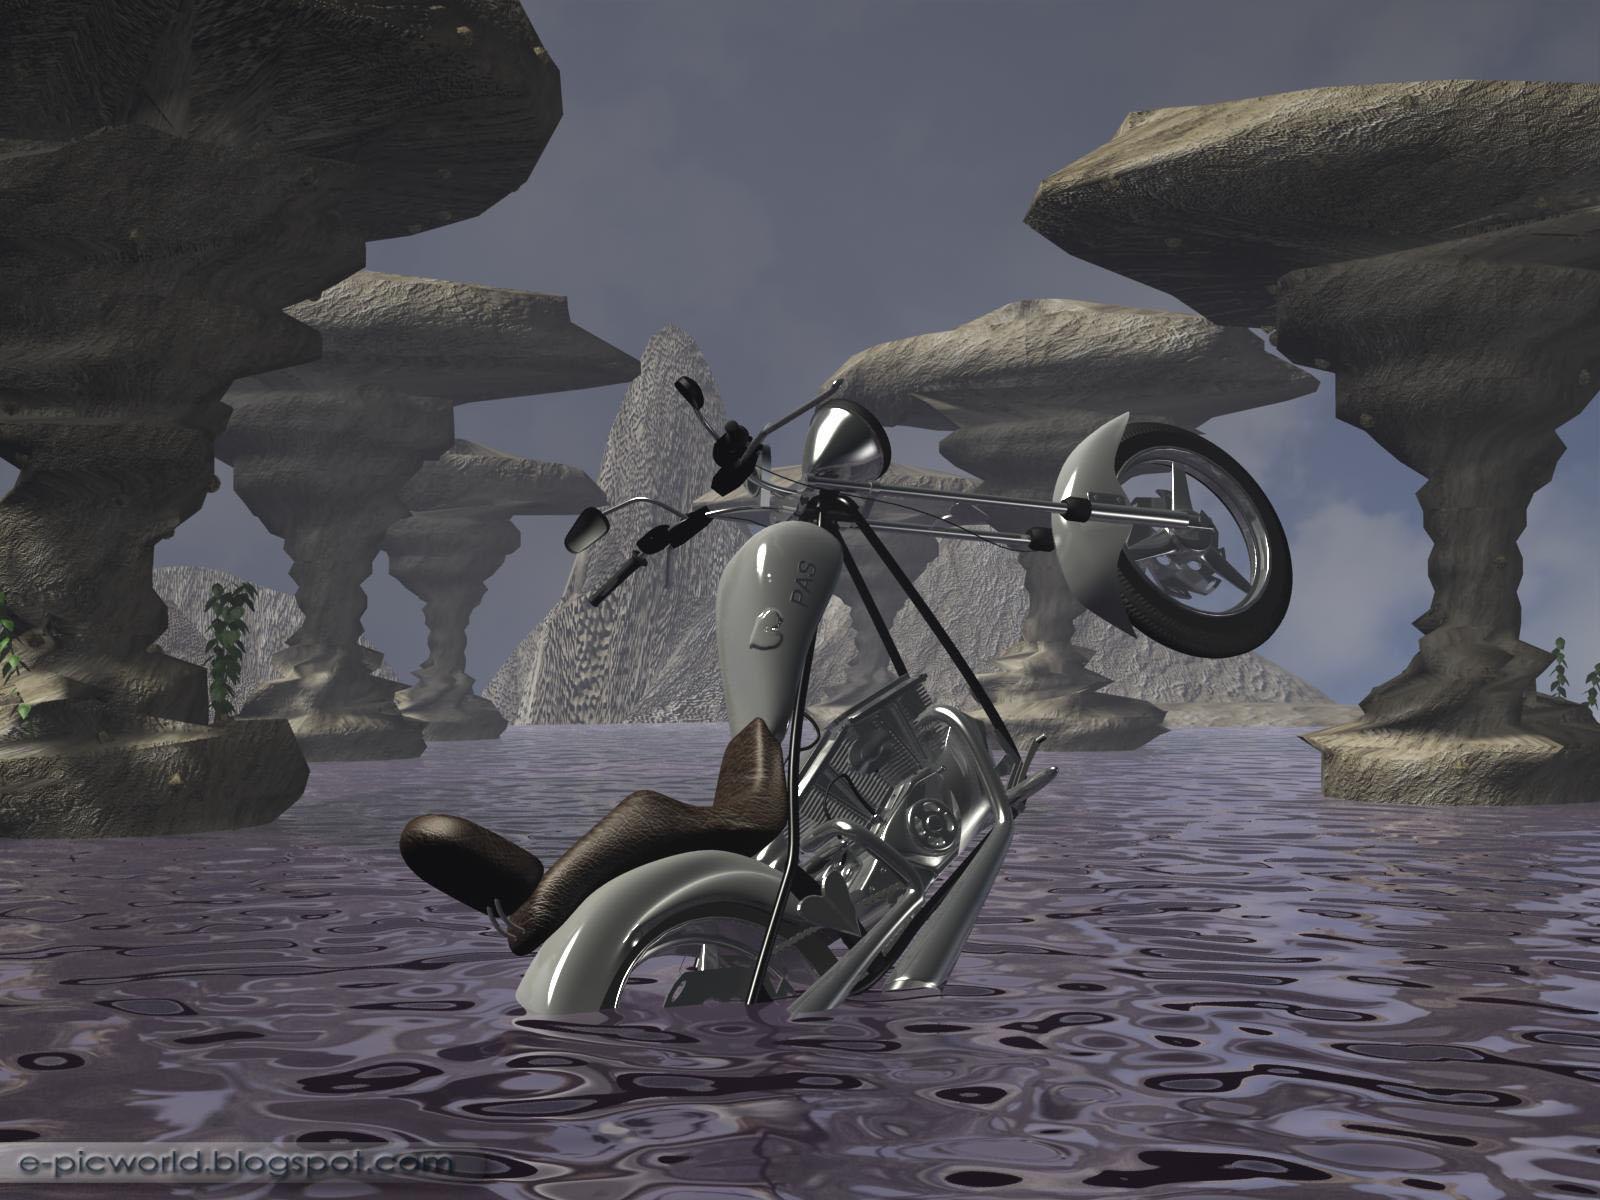 http://2.bp.blogspot.com/_3FTO6EjRbe4/R-vqjSLfEdI/AAAAAAAAGtI/MB_Rdzy78Bk/s1600/3D+motorbike+2+-+2.jpg